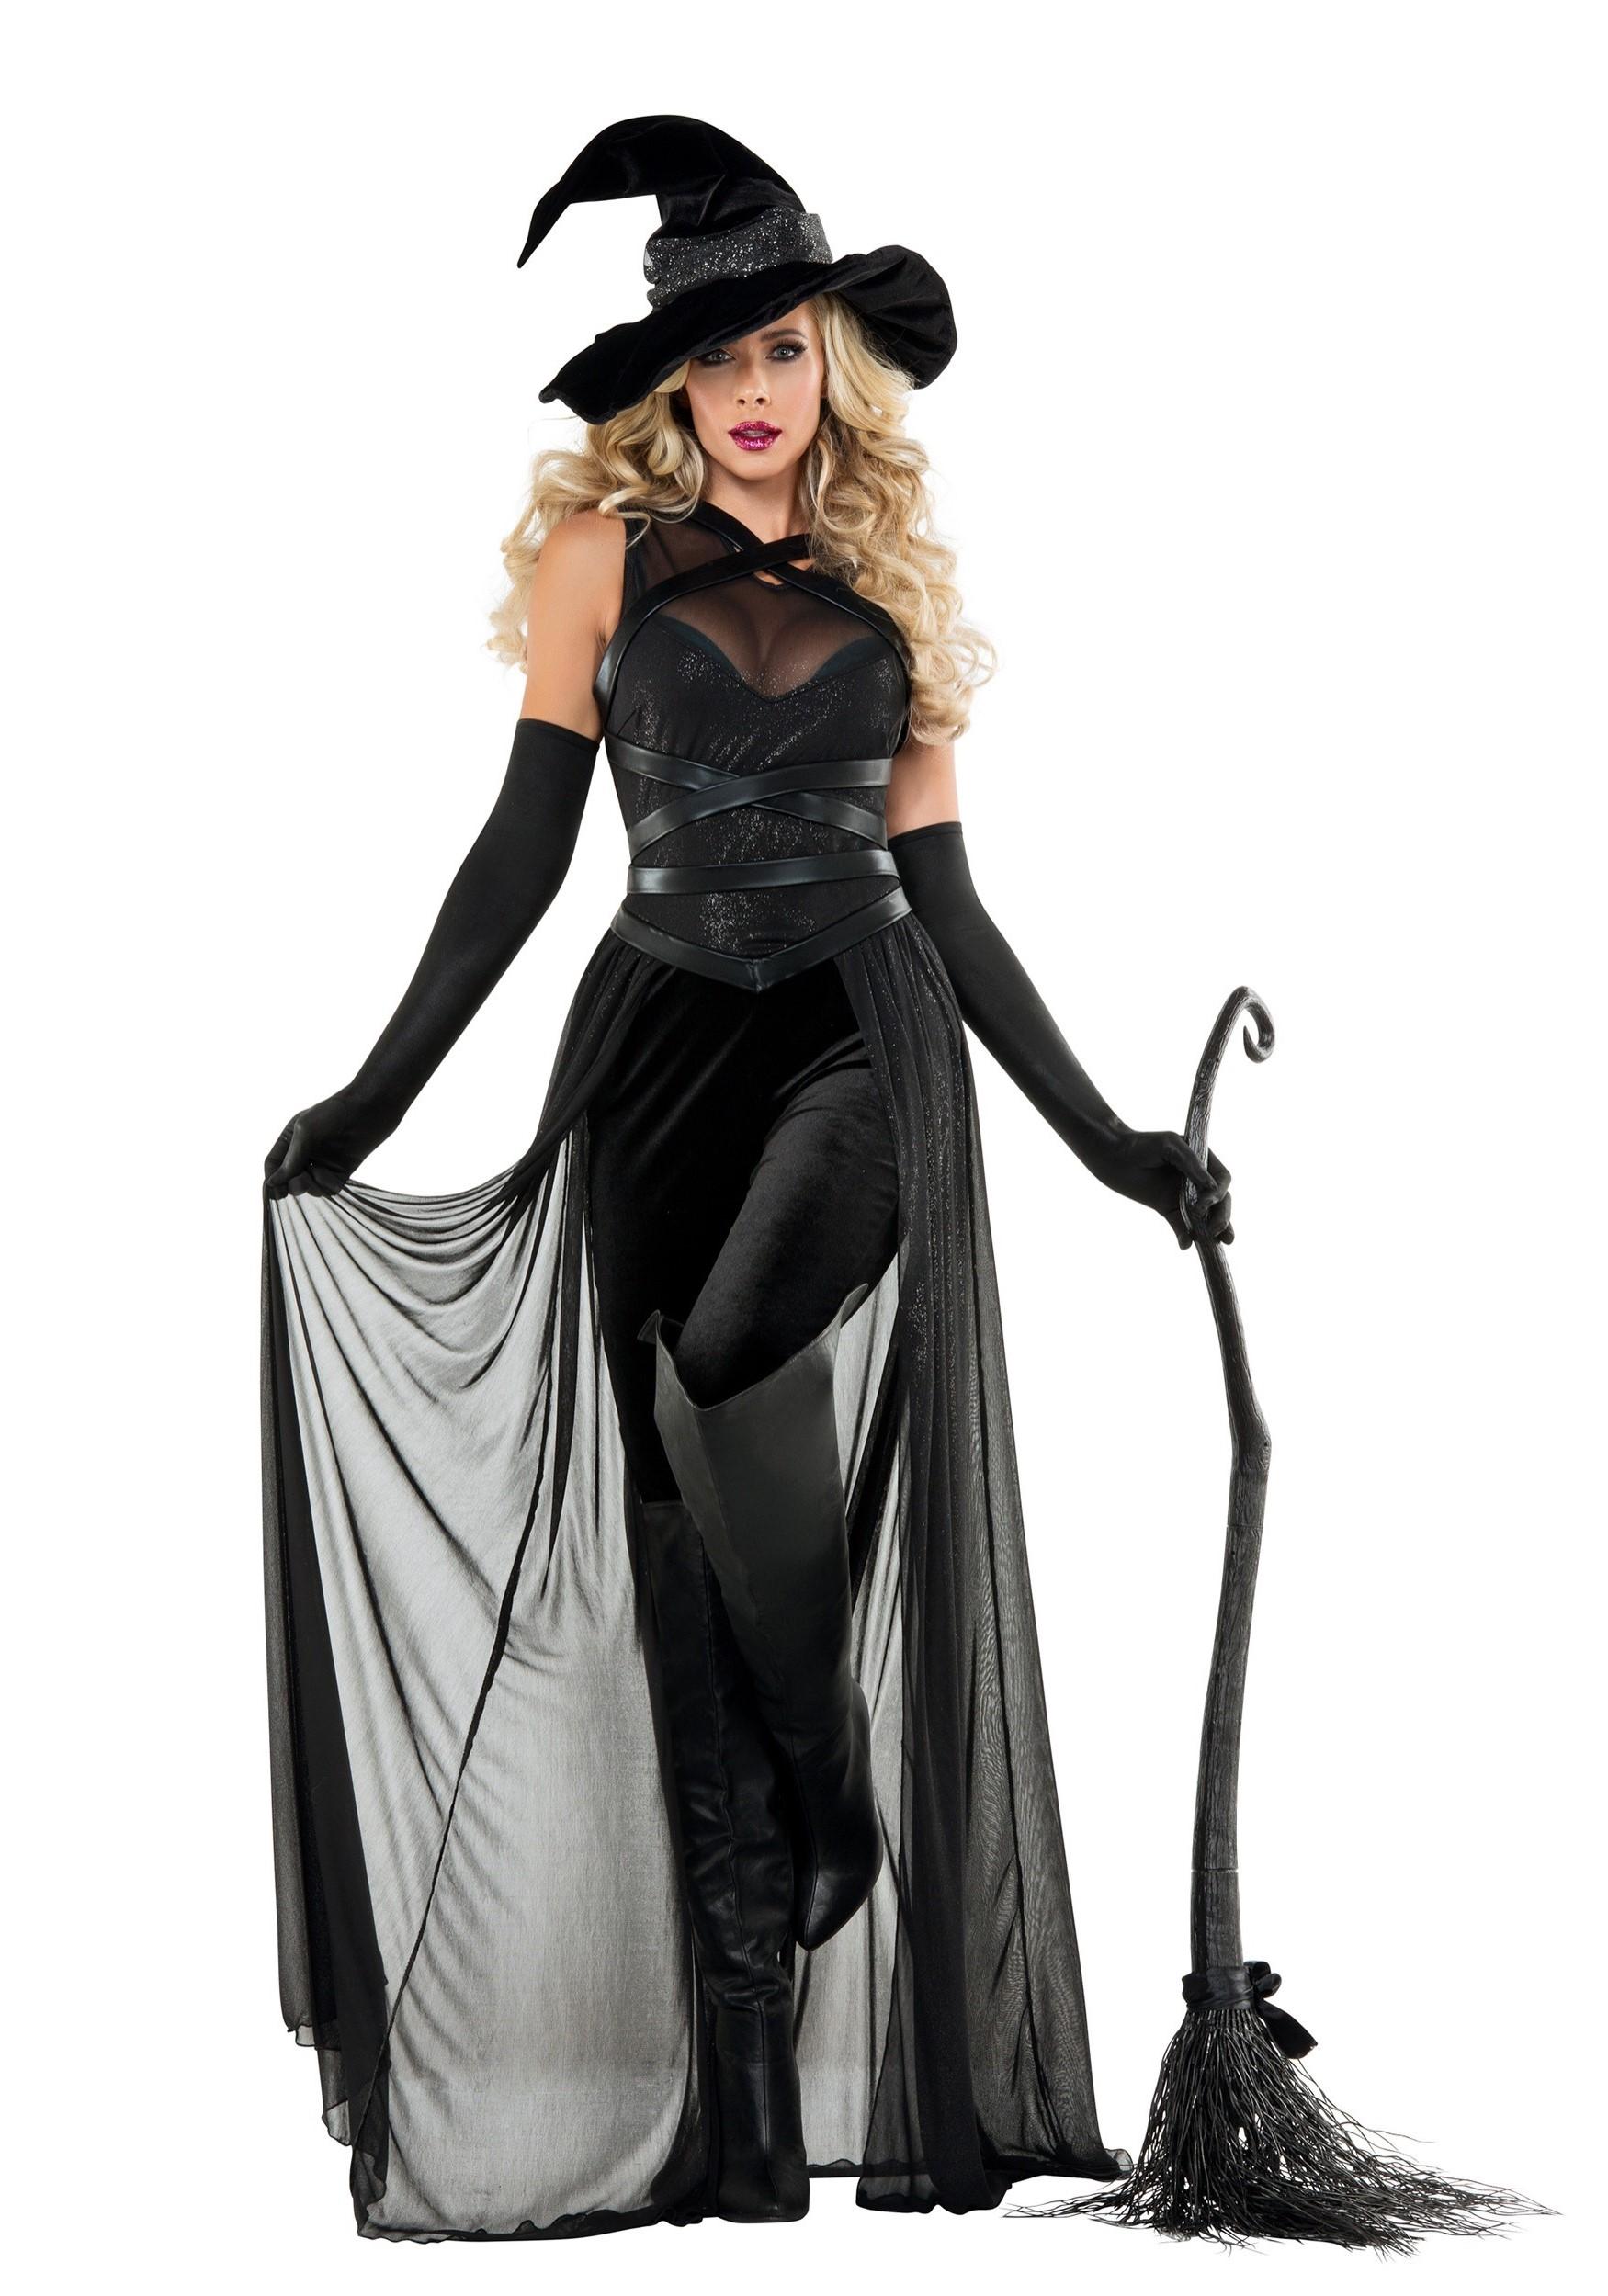 Vous pouvez facilement devenir une sorcière en portant une longue robe noire.